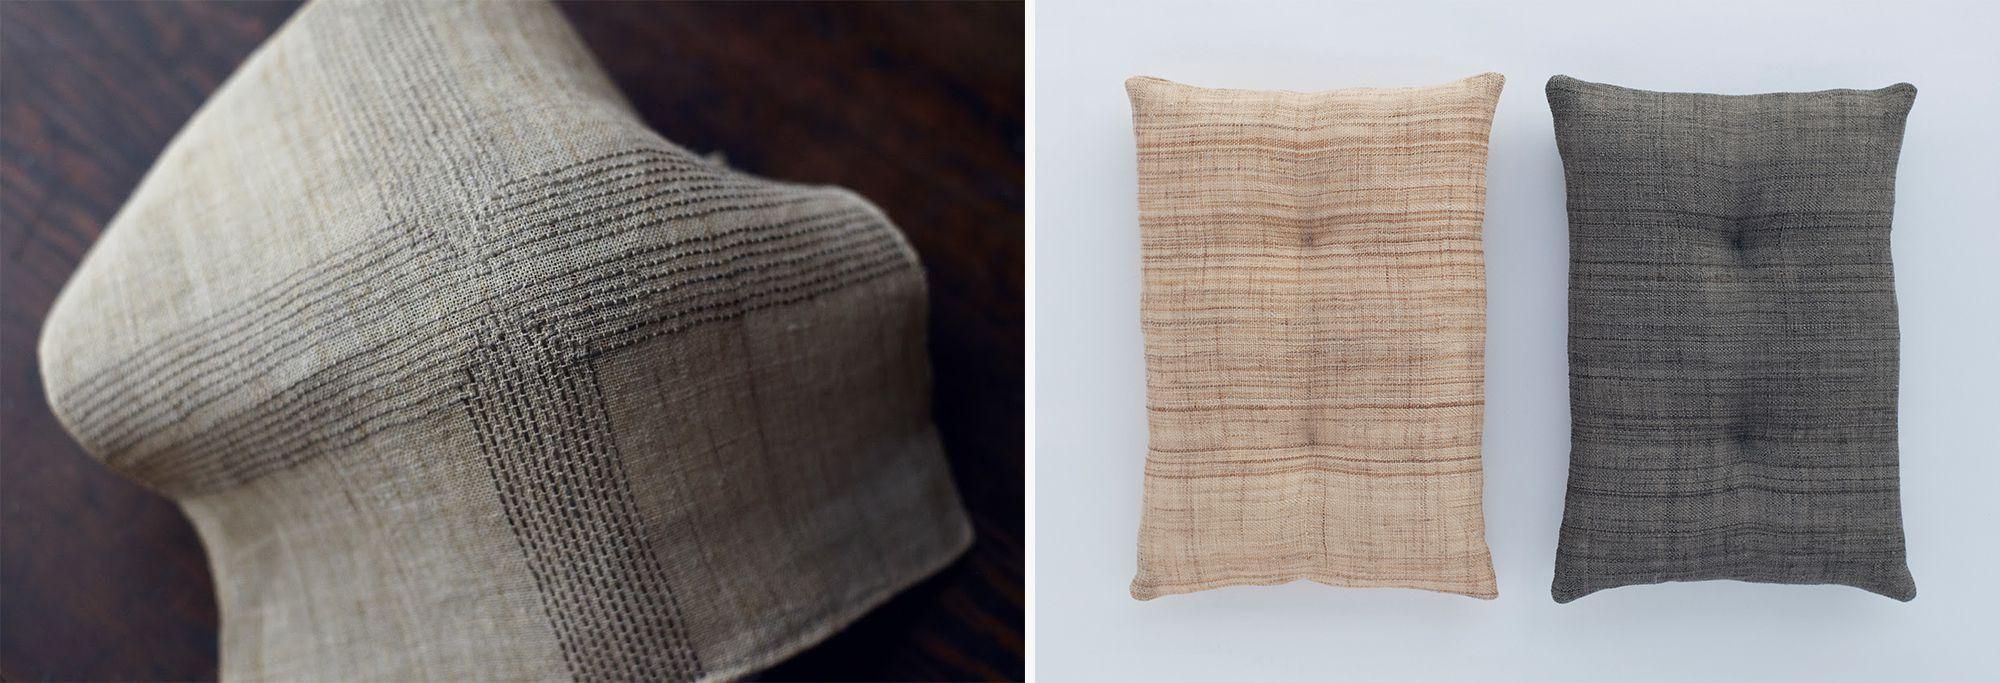 「渡し舟」の作品。布製品、クッションなど、村の90代の姉さまの地機織りの布を暮らしに馴染む作品にした。Photography by Jun Nakagawa